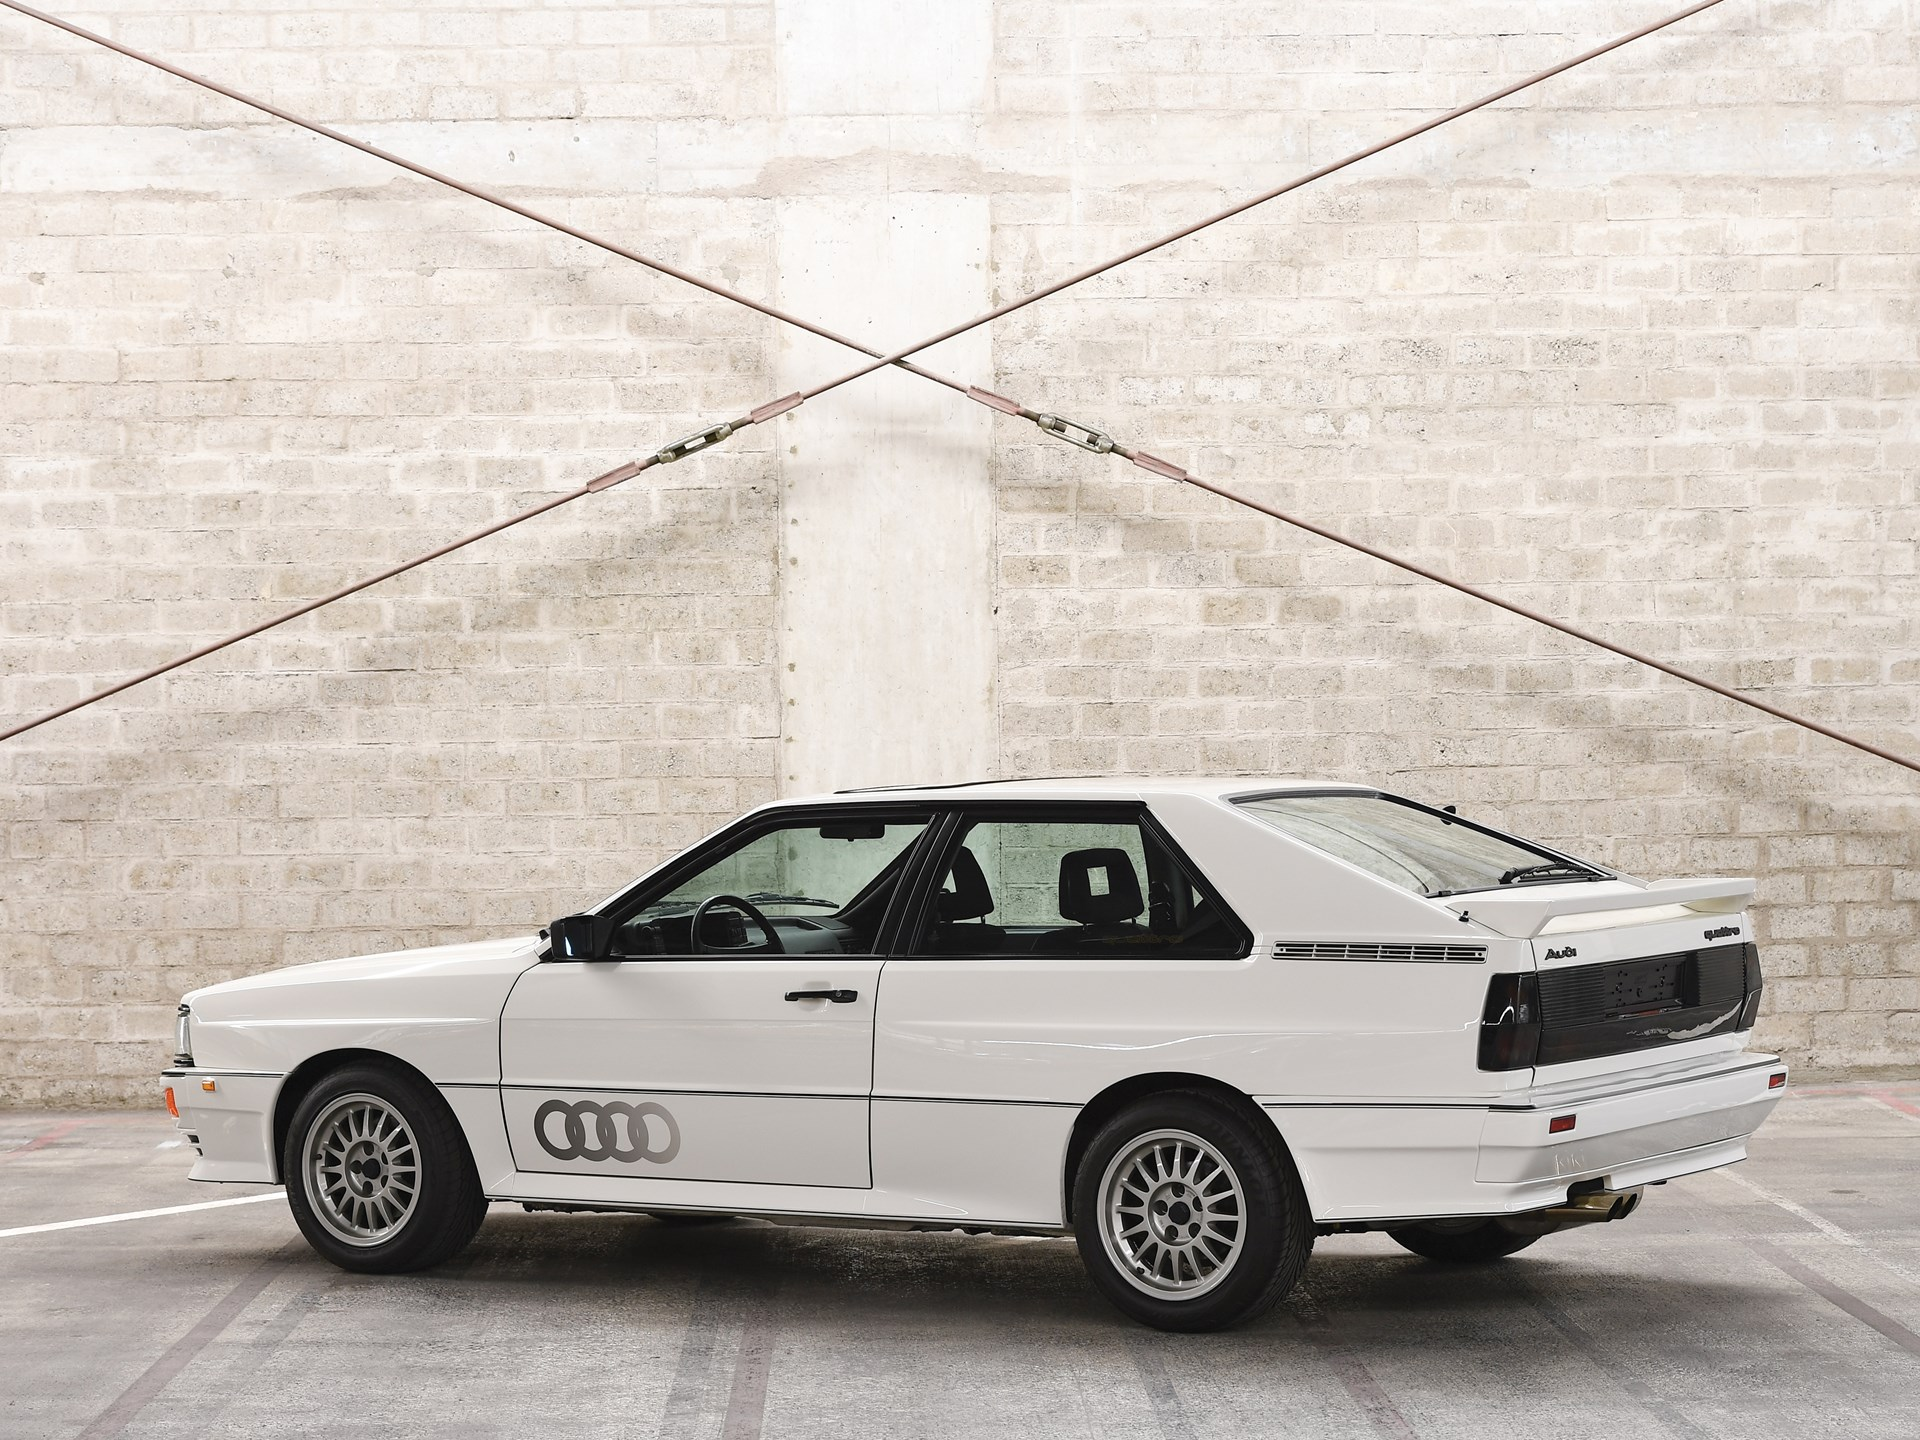 1985 Audi quattro